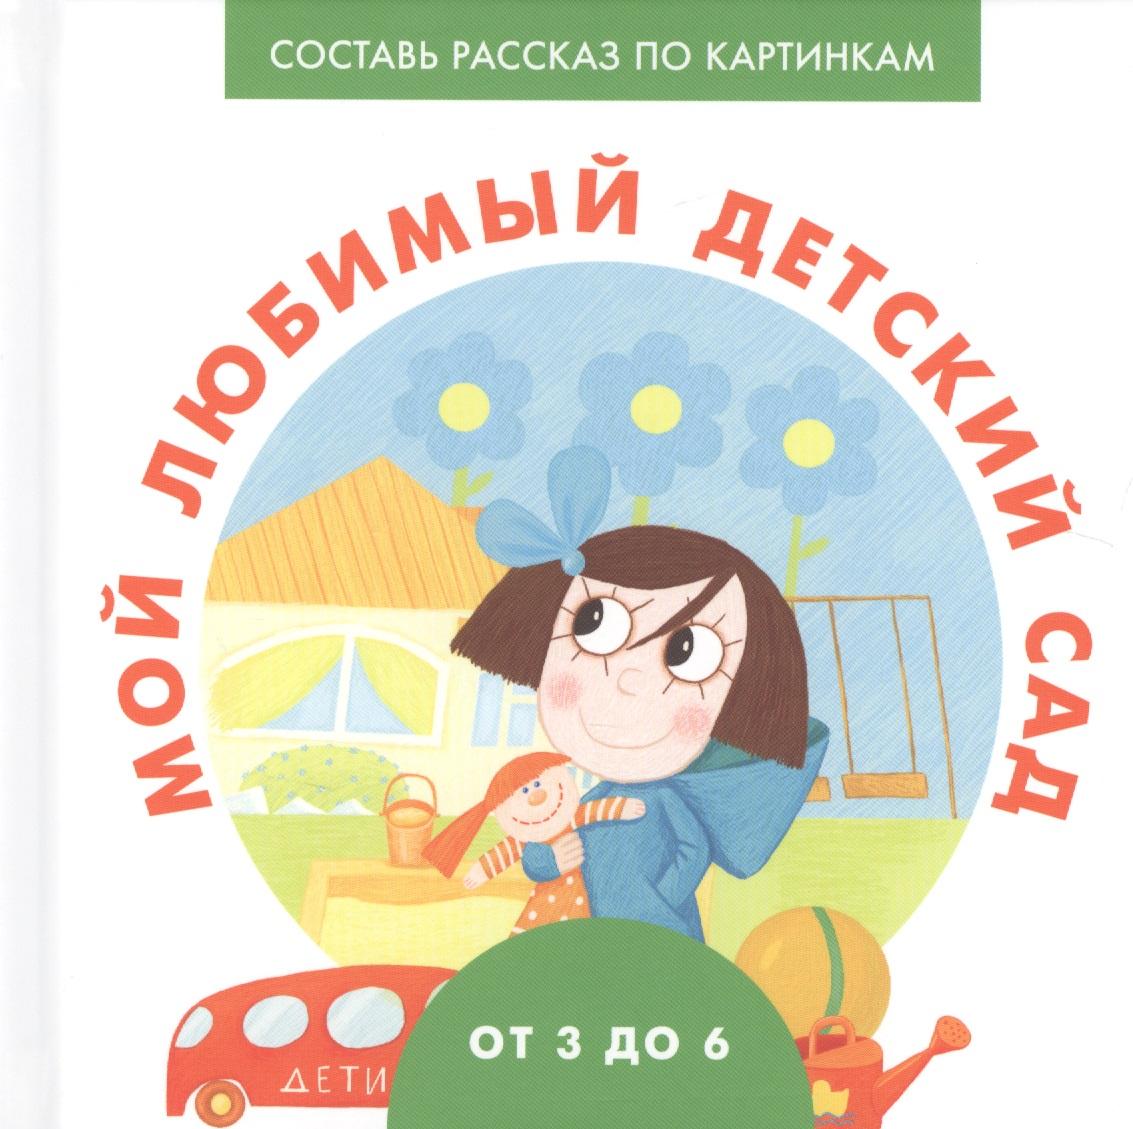 Ерофеева Н. Мой любимый детский сад райман джефф детский сад